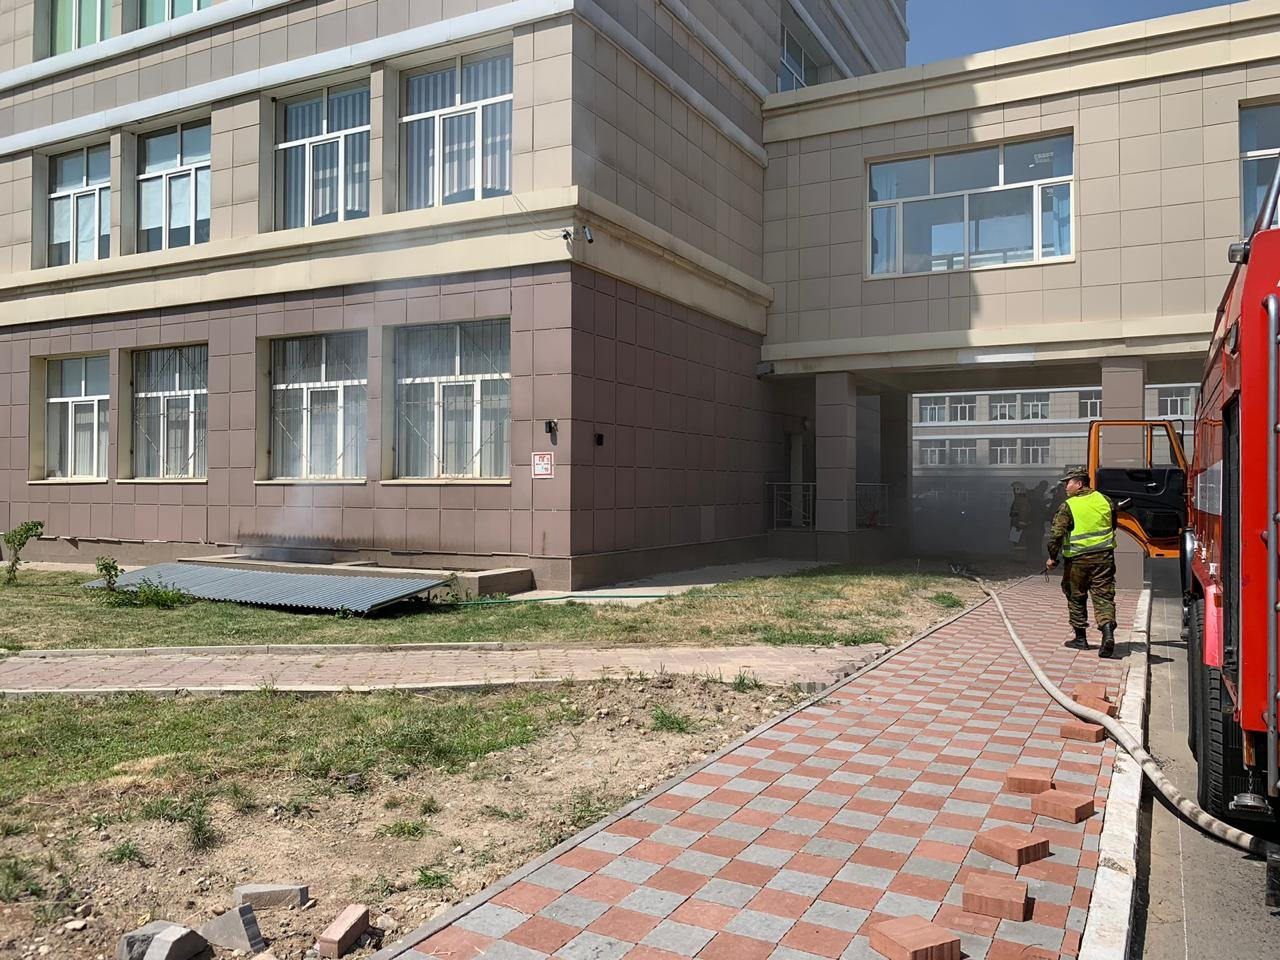 Подвал химфакультета КазНУ загорелся в Алматы (фото), фото-3